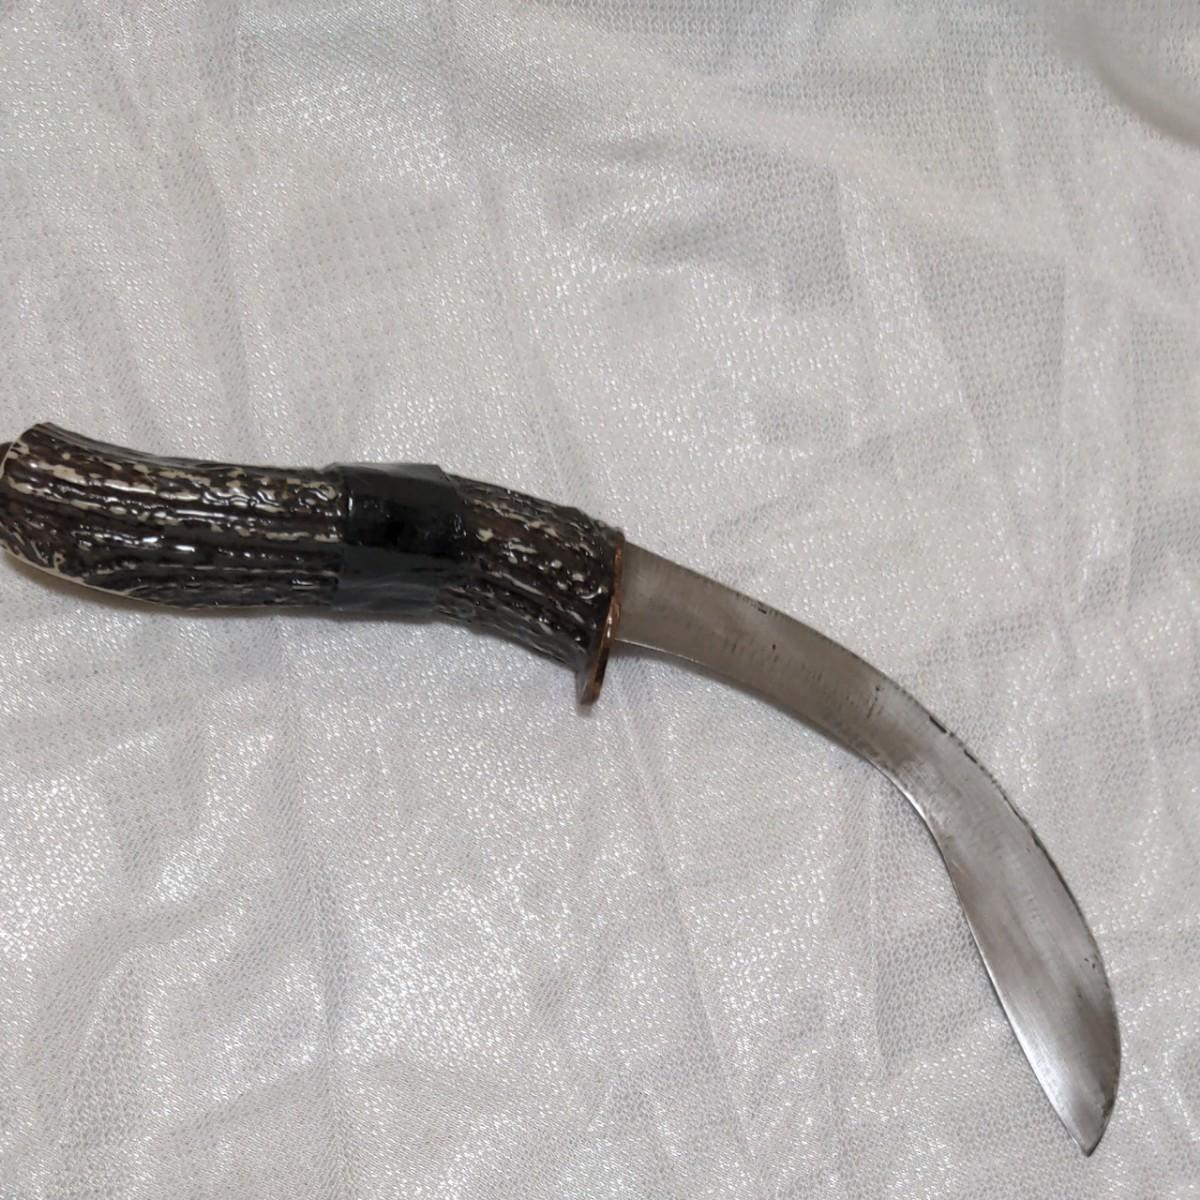 カスタムナイフ オリジナルナイフ  サバイバルナイフ マチェットナイフ